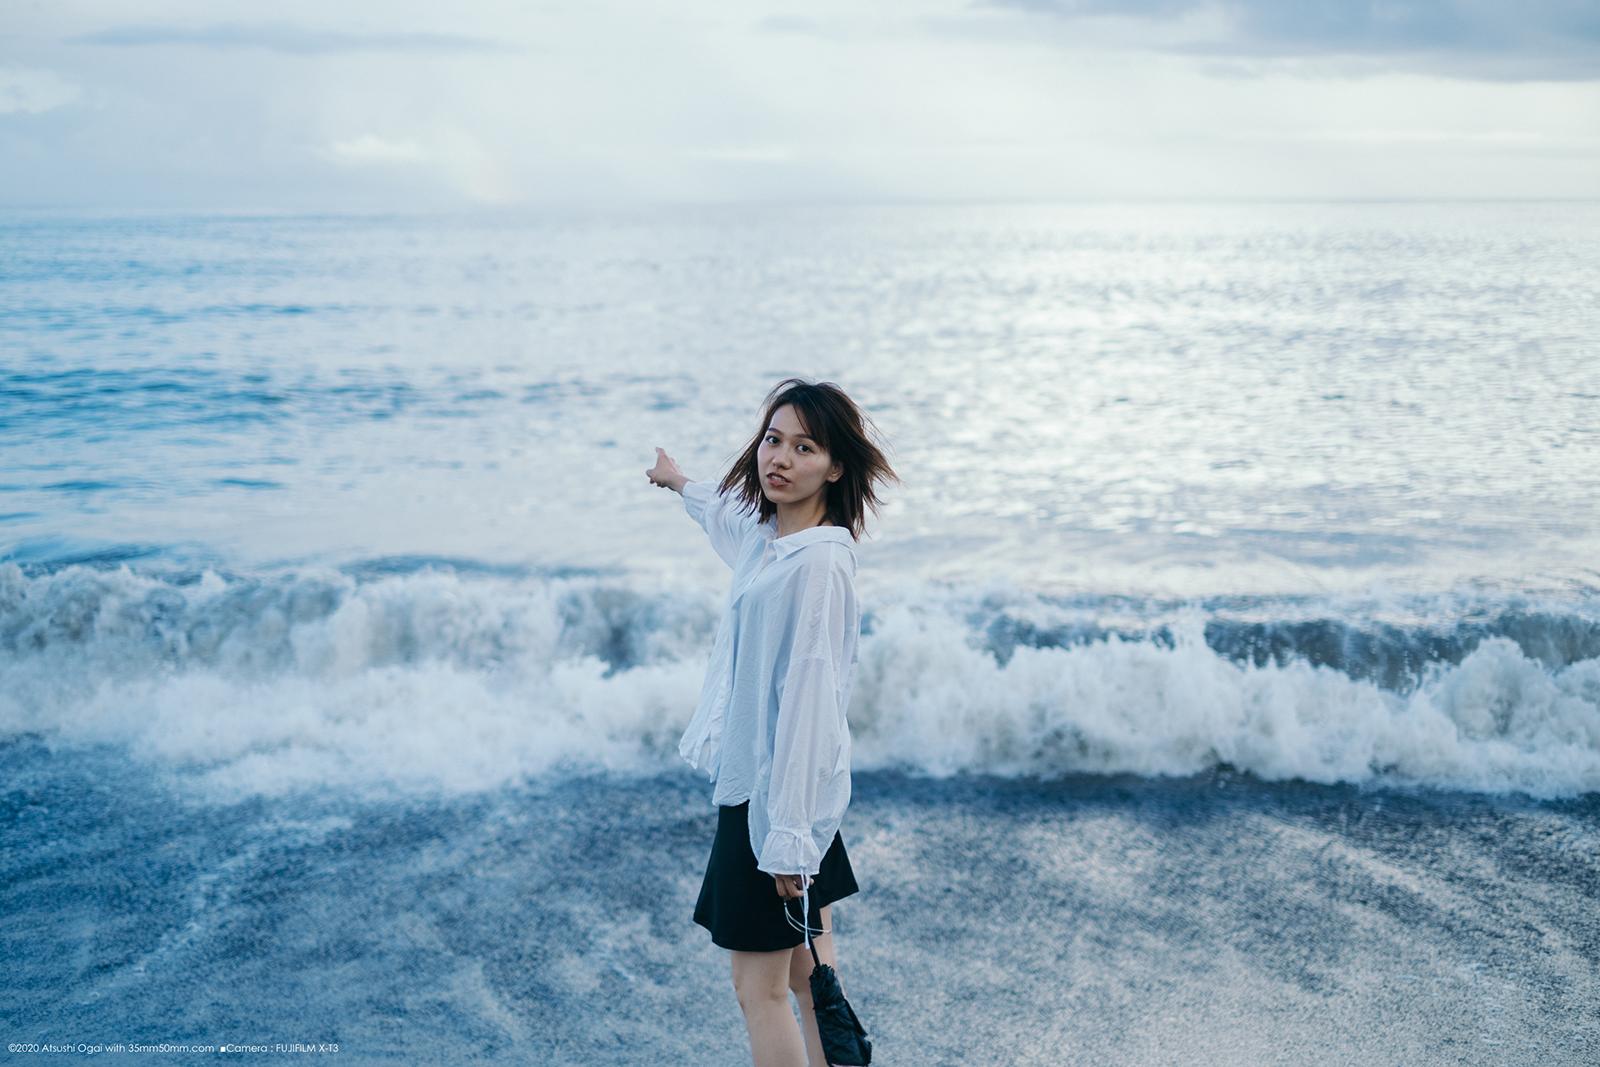 白川 明日香 ASUKA shirakawa